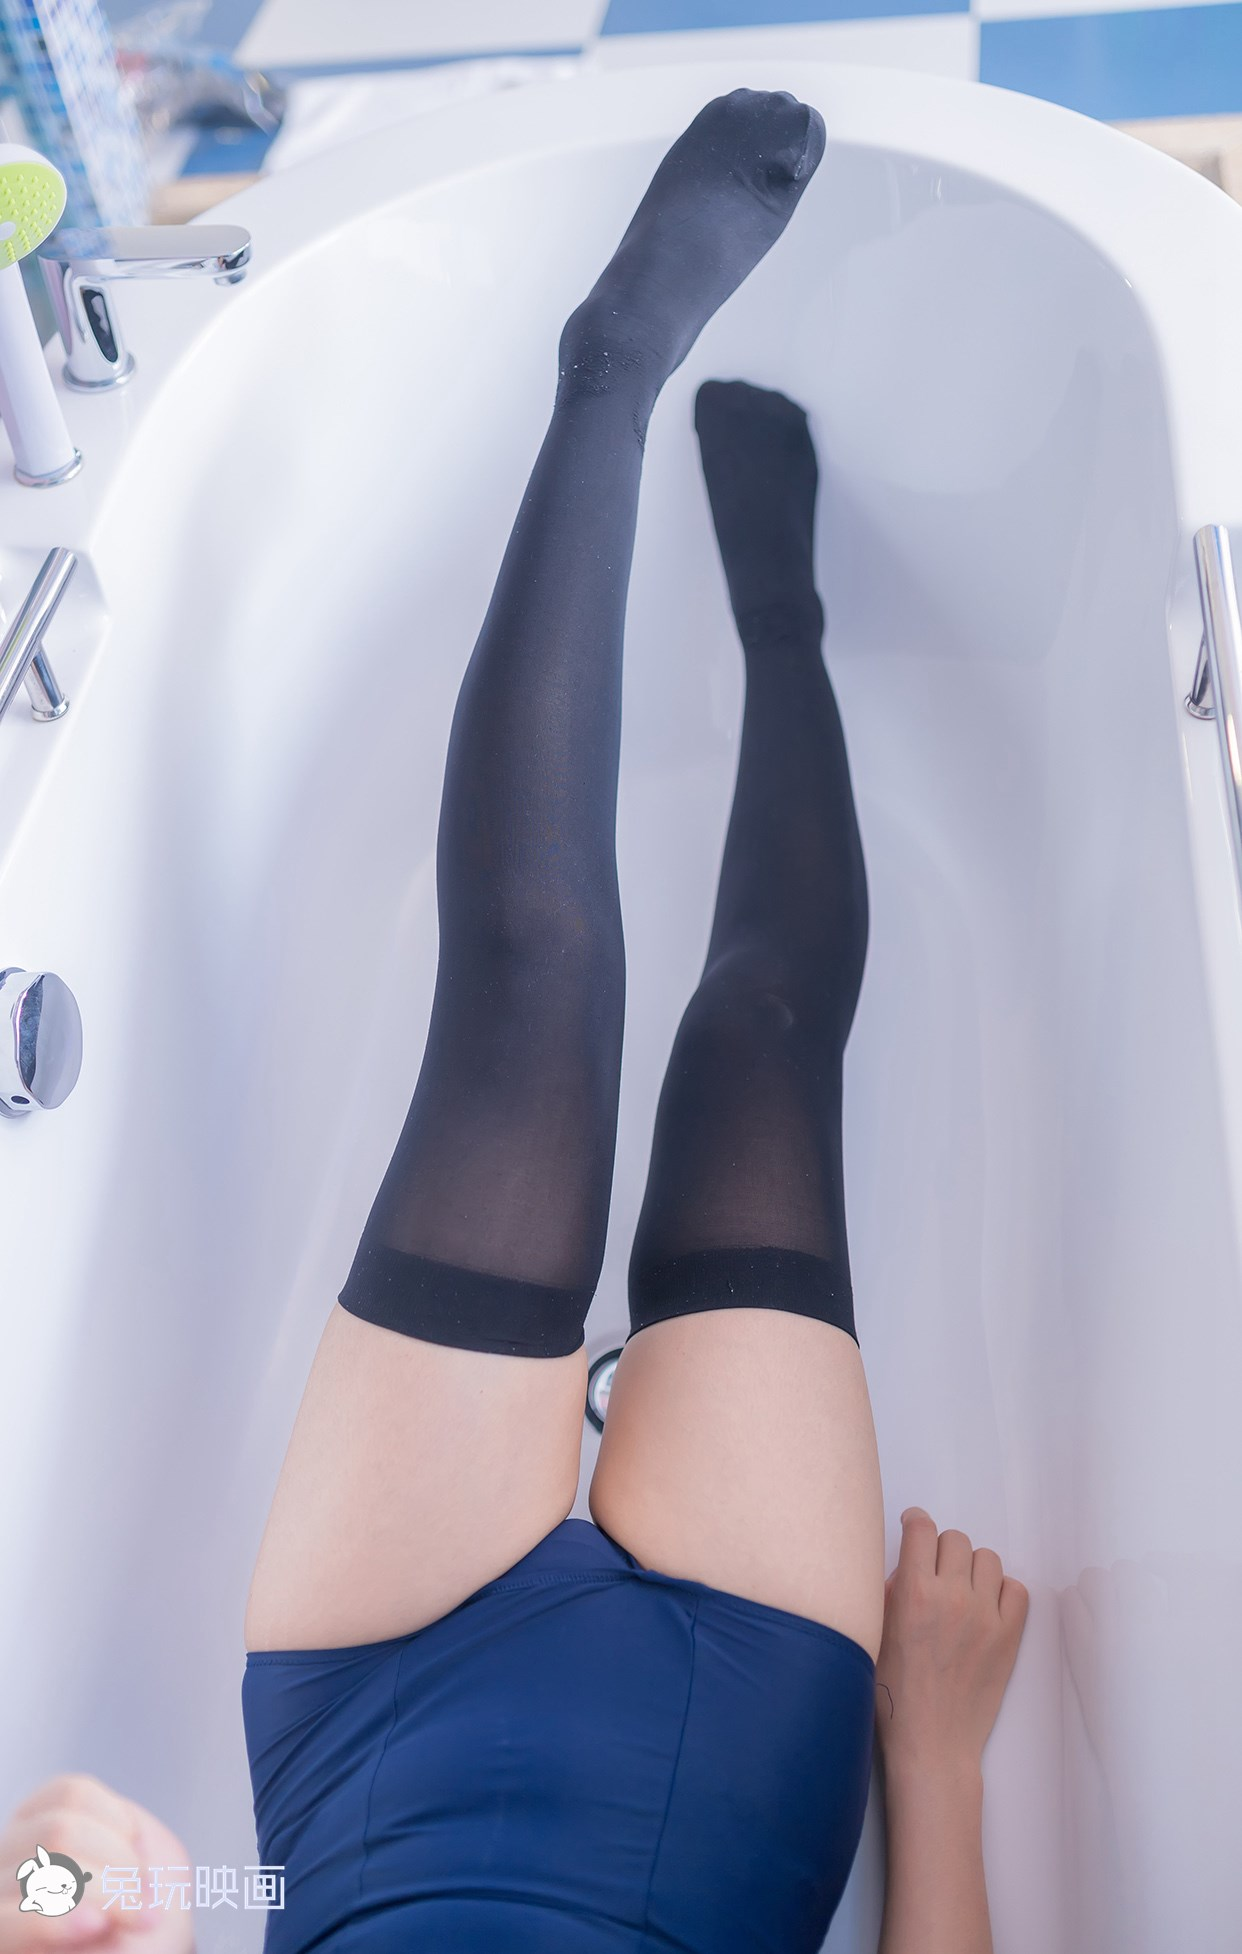 【兔玩映画】vol.05—过膝袜 兔玩映画 第18张